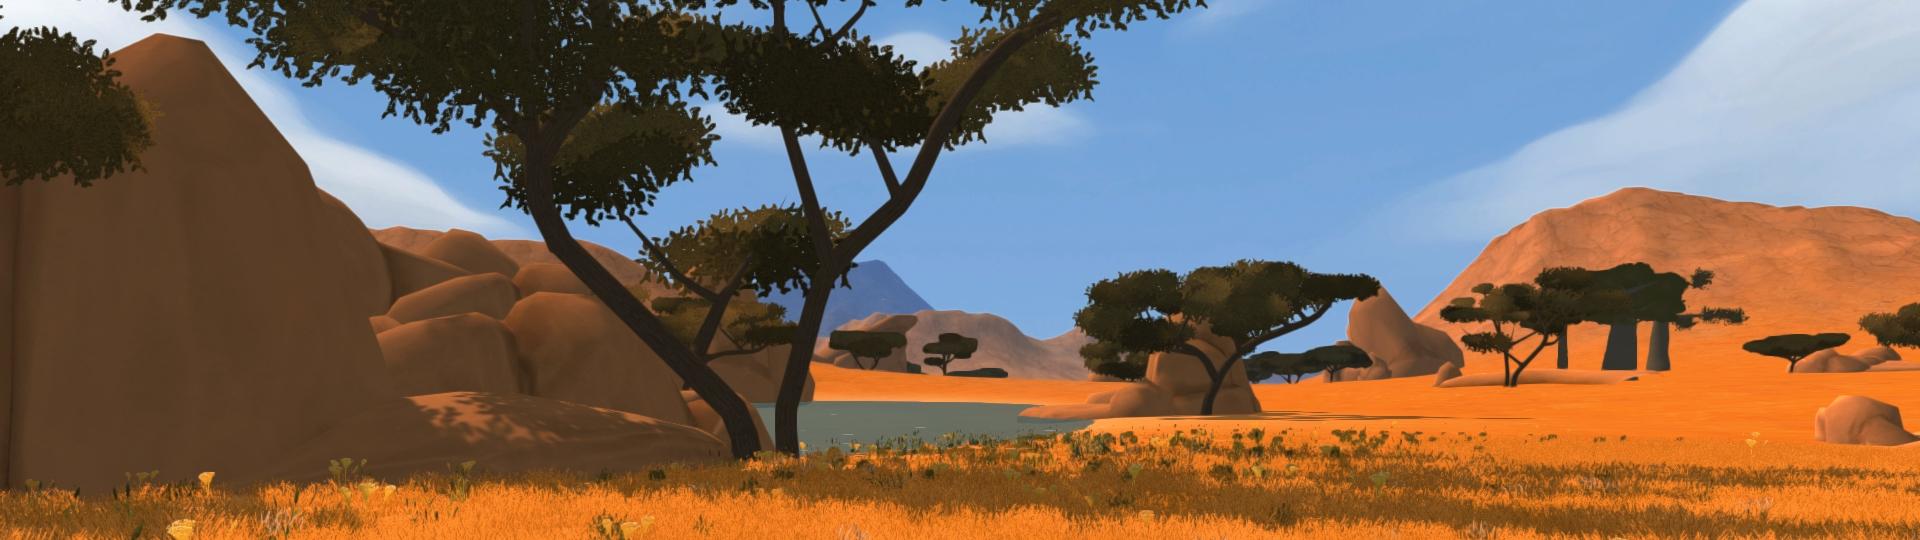 wide savannah 01